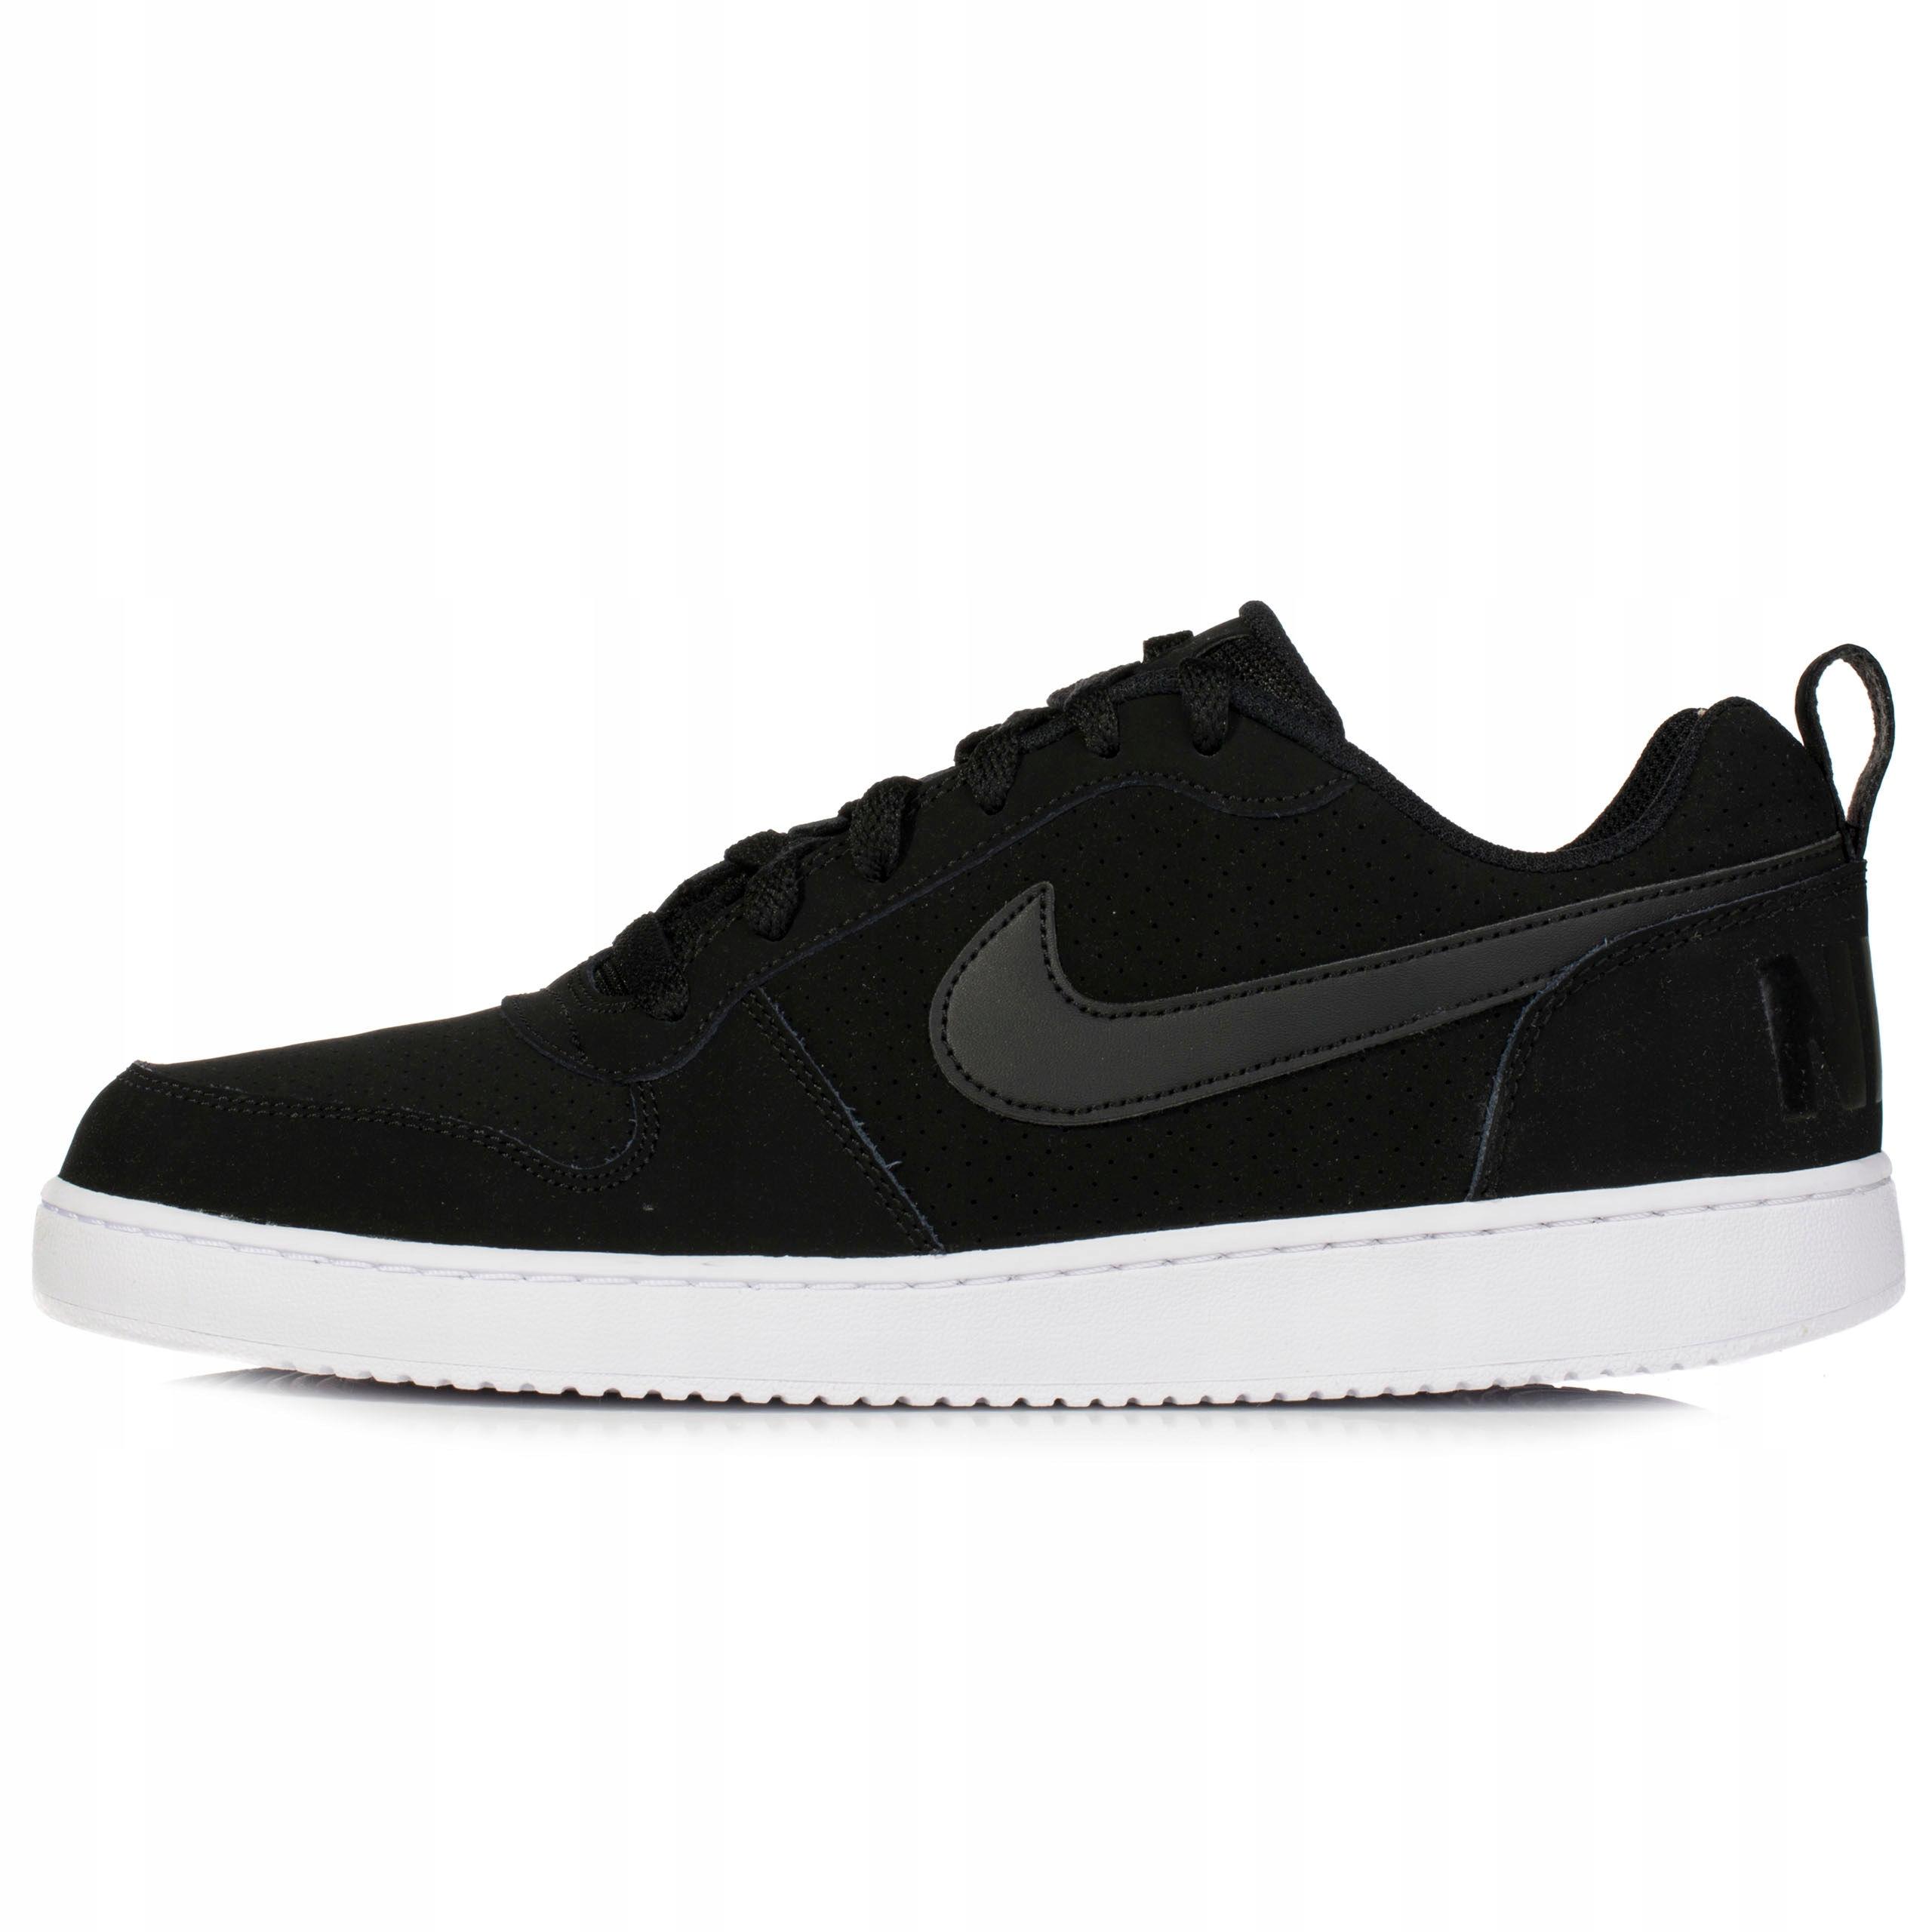 Buty damskie Nike Court Borough czarne 844905 001